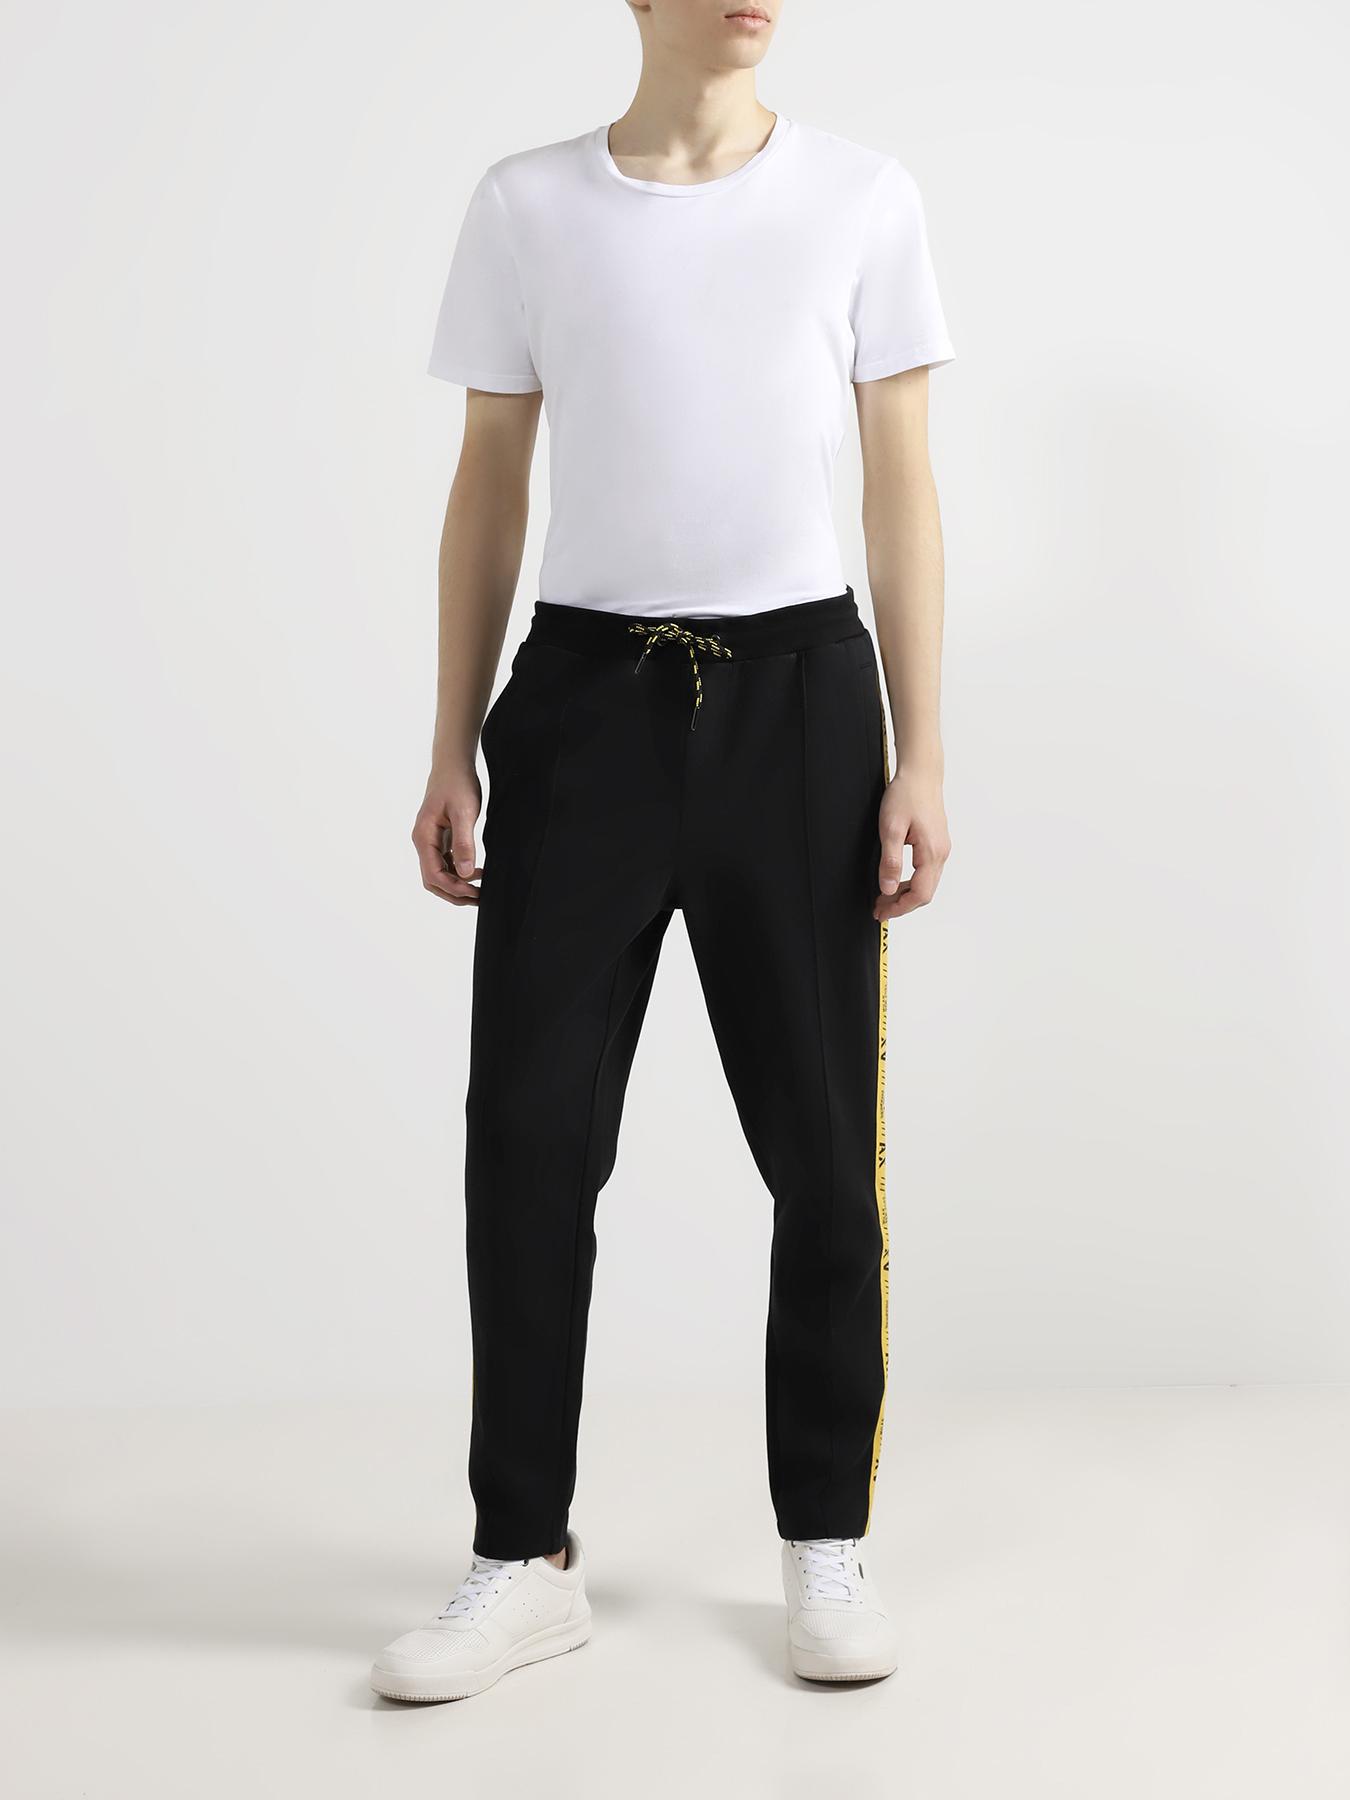 Брюки Armani Exchange Спортивные брюки брюки armani exchange свободные брюки